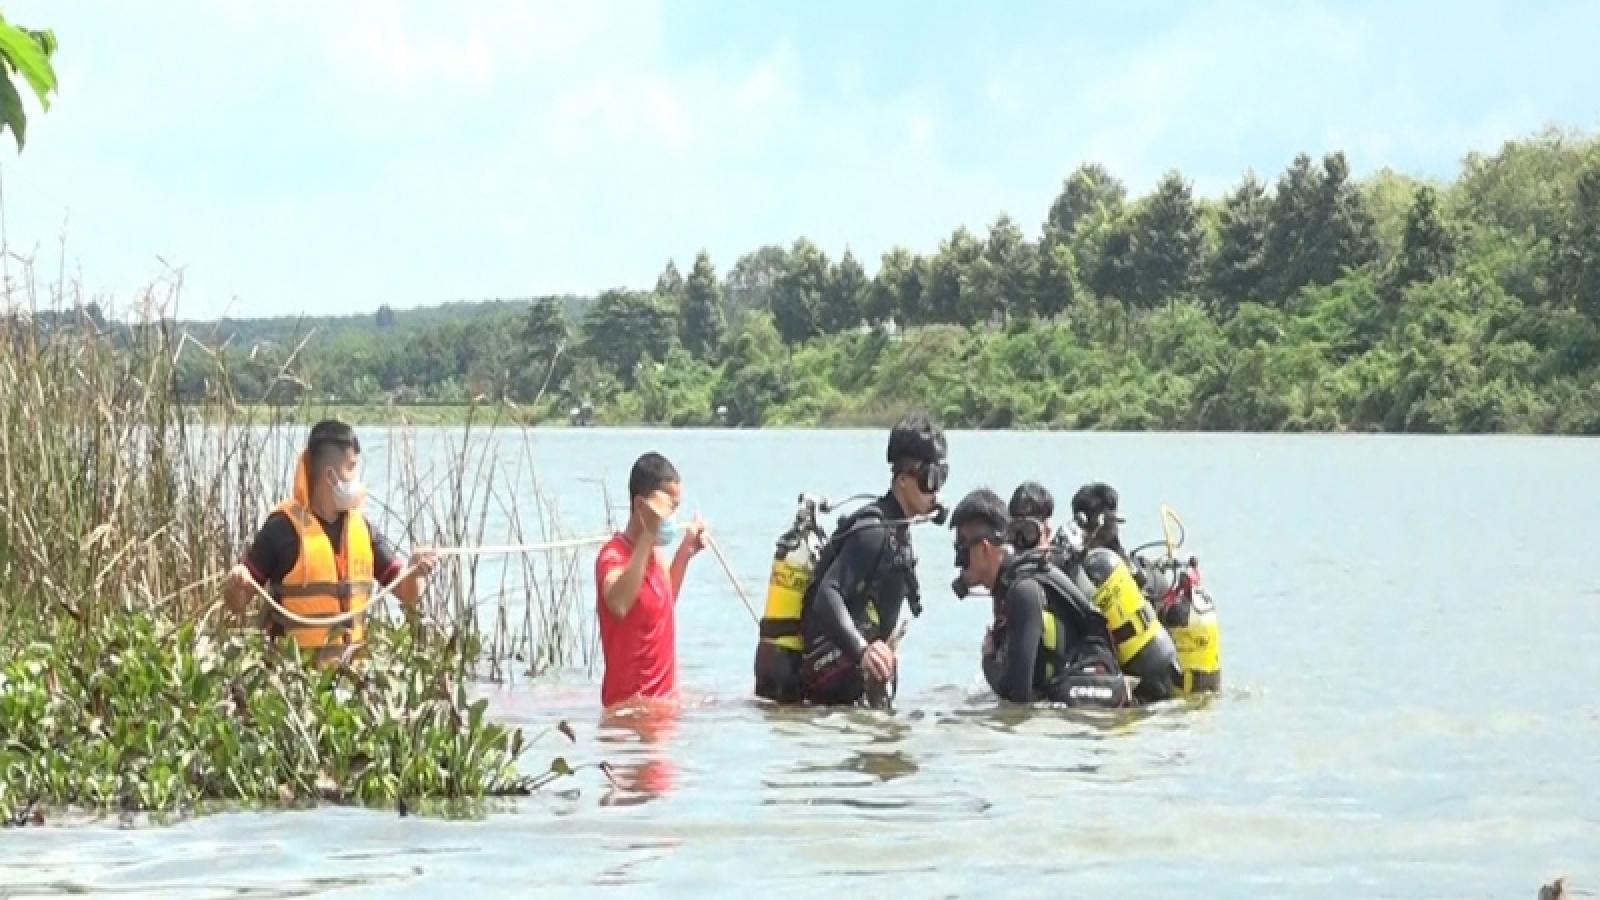 Lật xuồng khi đang đánh cá, một người đàn ông ở Bình Phước tử vong